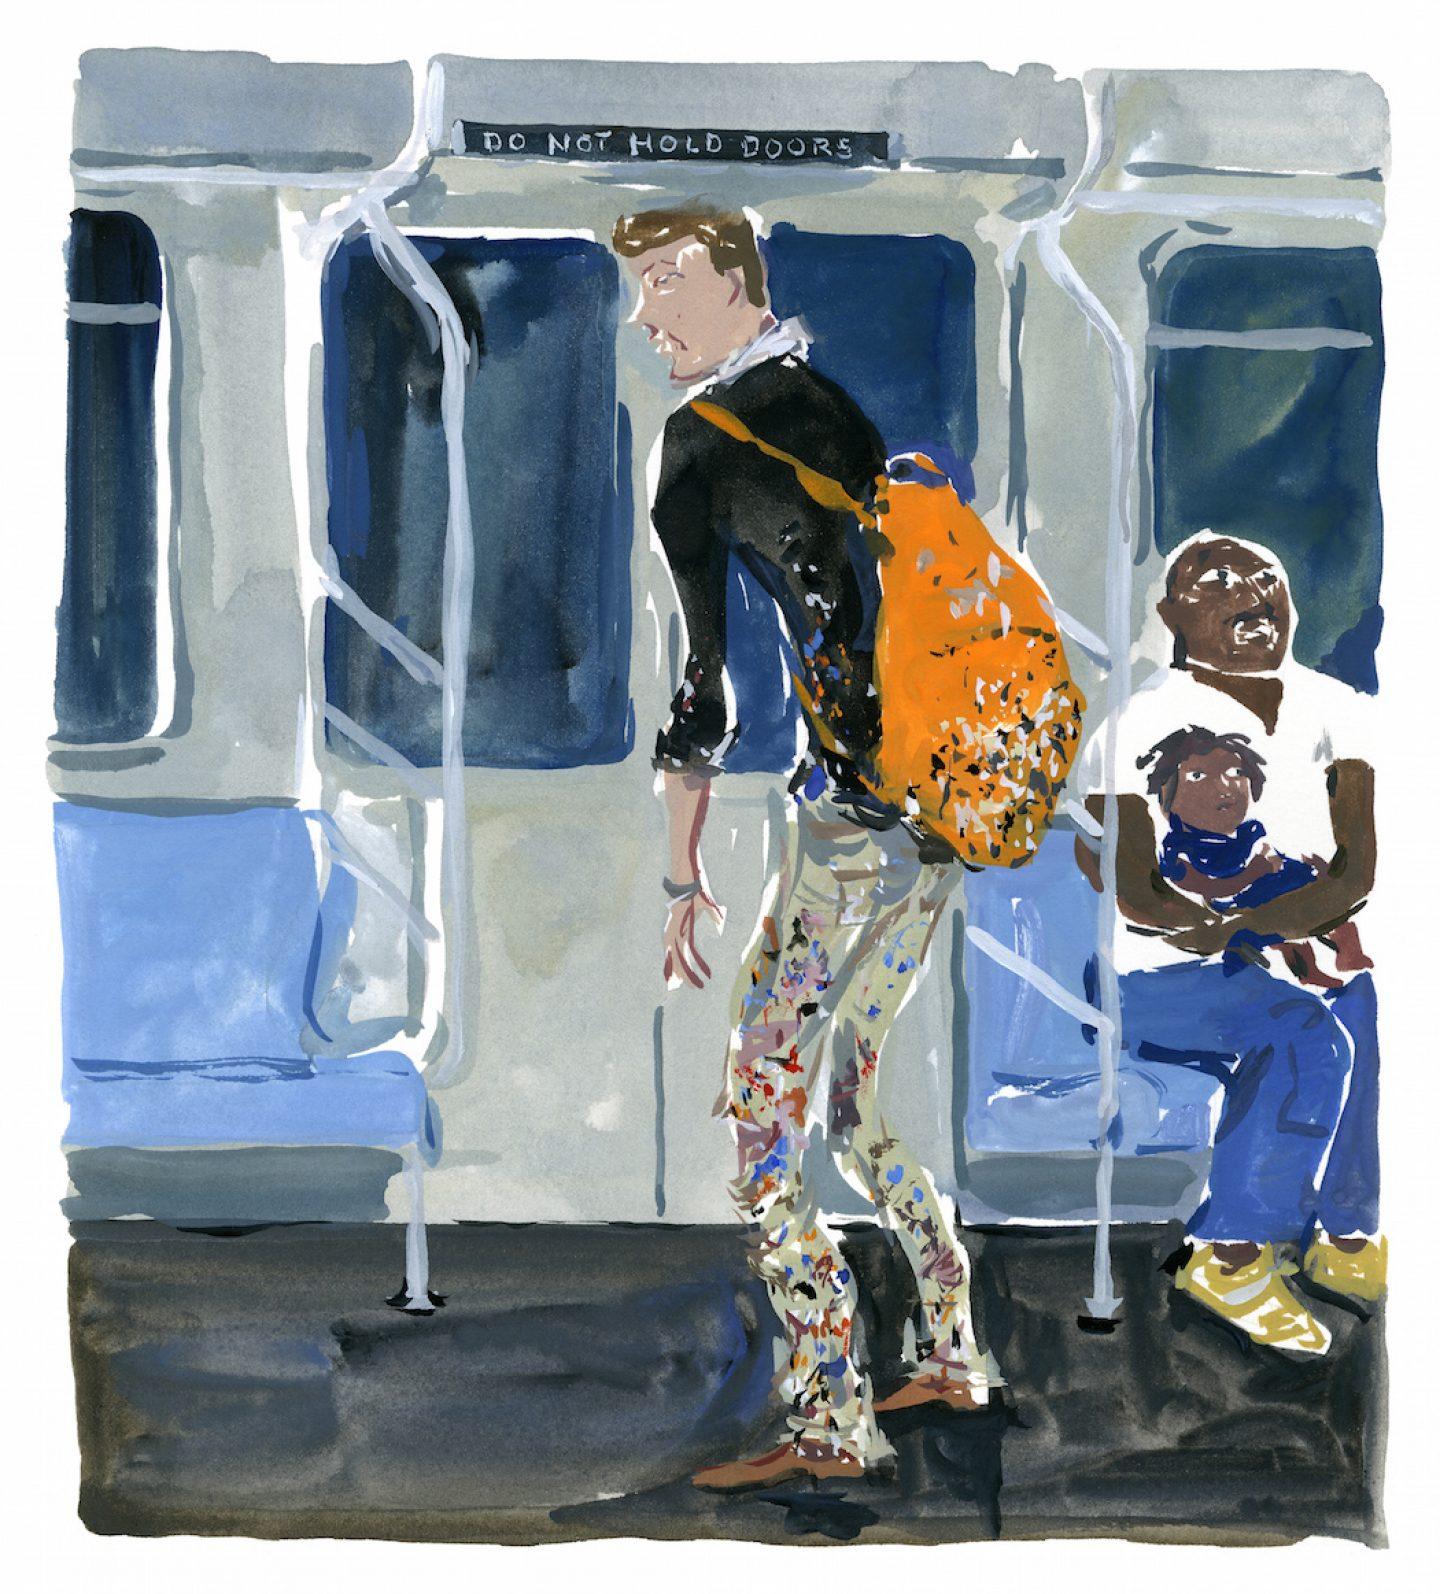 Jean-PhilippeDelhomme_art-26-NY_painter